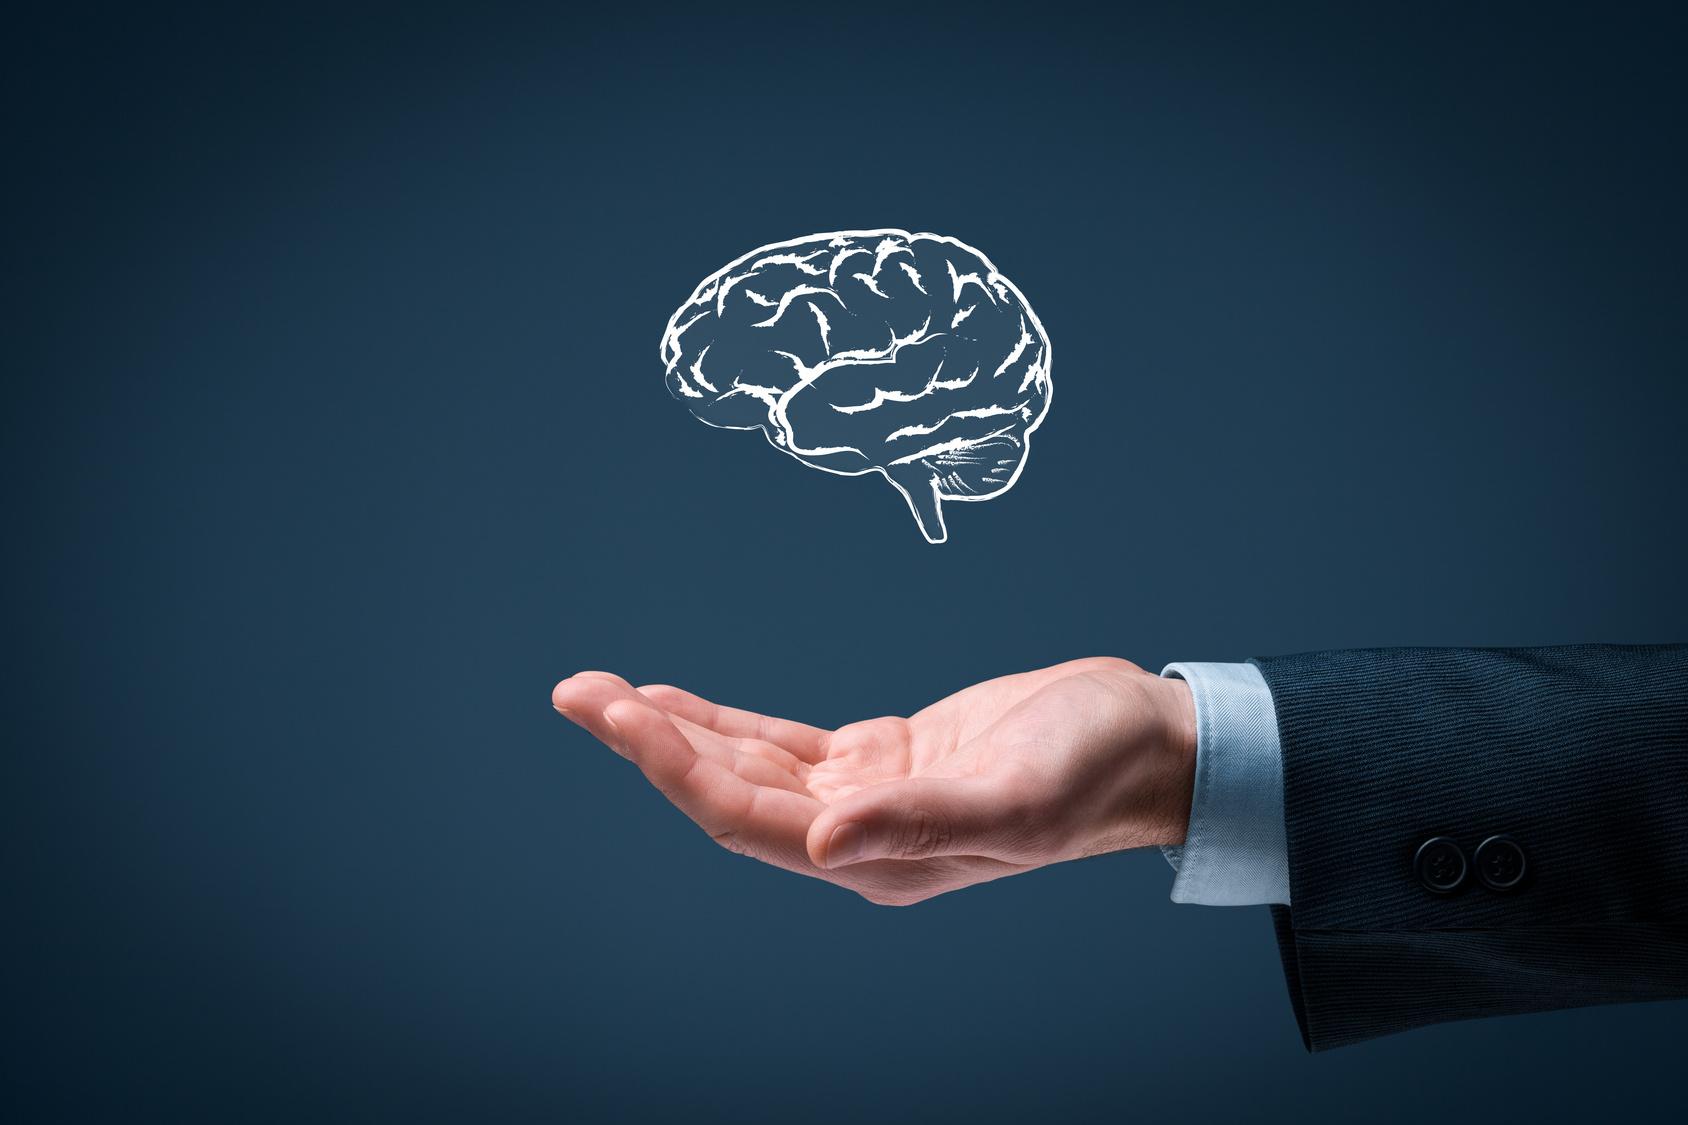 Έρευνα για τη συναισθηματική νοημοσύνη και τη χρήση της στην εργασία στην Ελλάδα